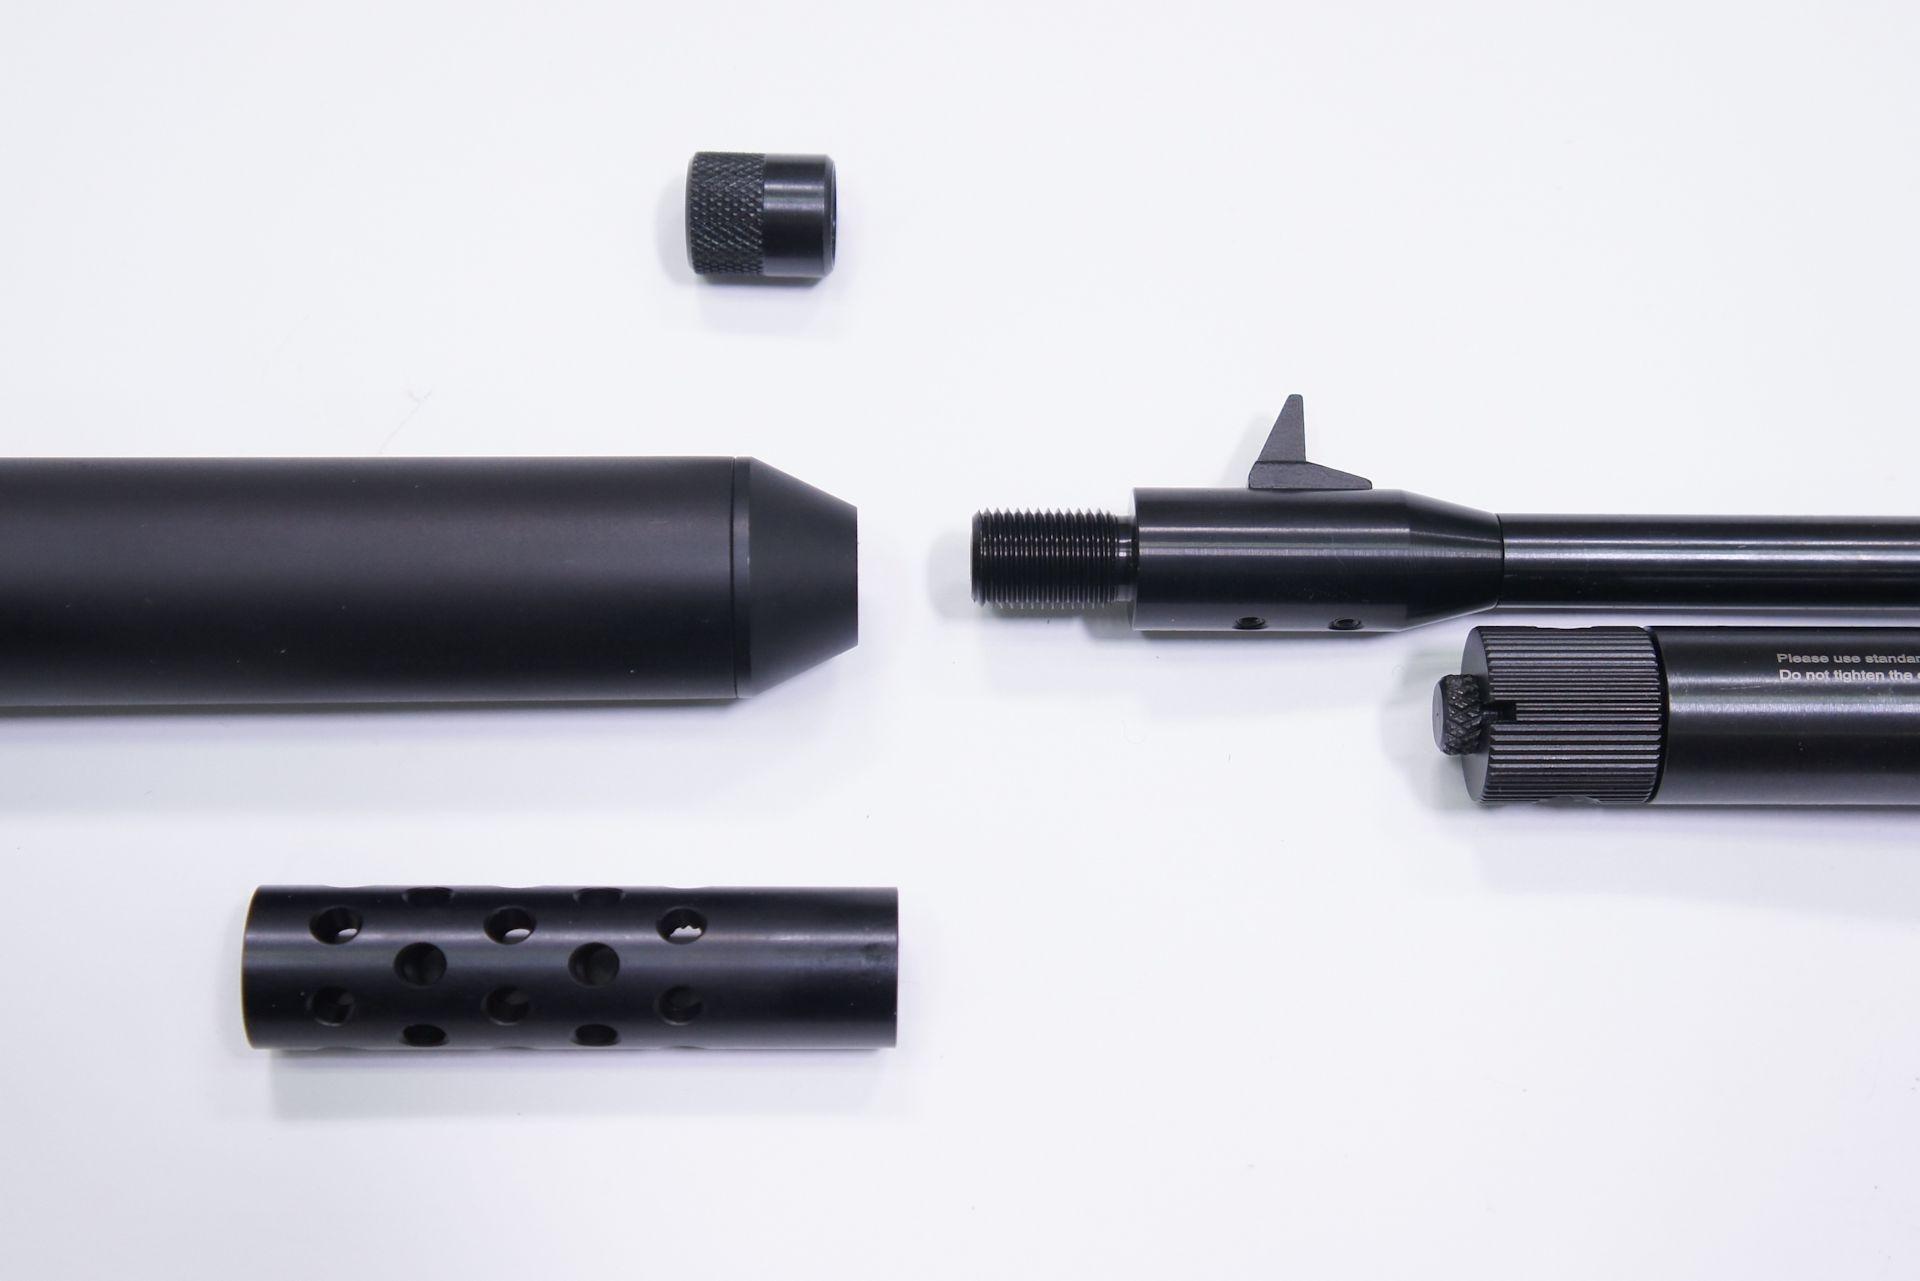 Passendes Zubehör für die Luftpistole Diana airbug gibt es hier auch. Im Bild sind hier <a href=1165824.htm>Schalldämpferadapter </a>, <a href=1168812.htm>Schalldämpfer </a>und ein <a href=1165812.htm>Kompensator</a>.